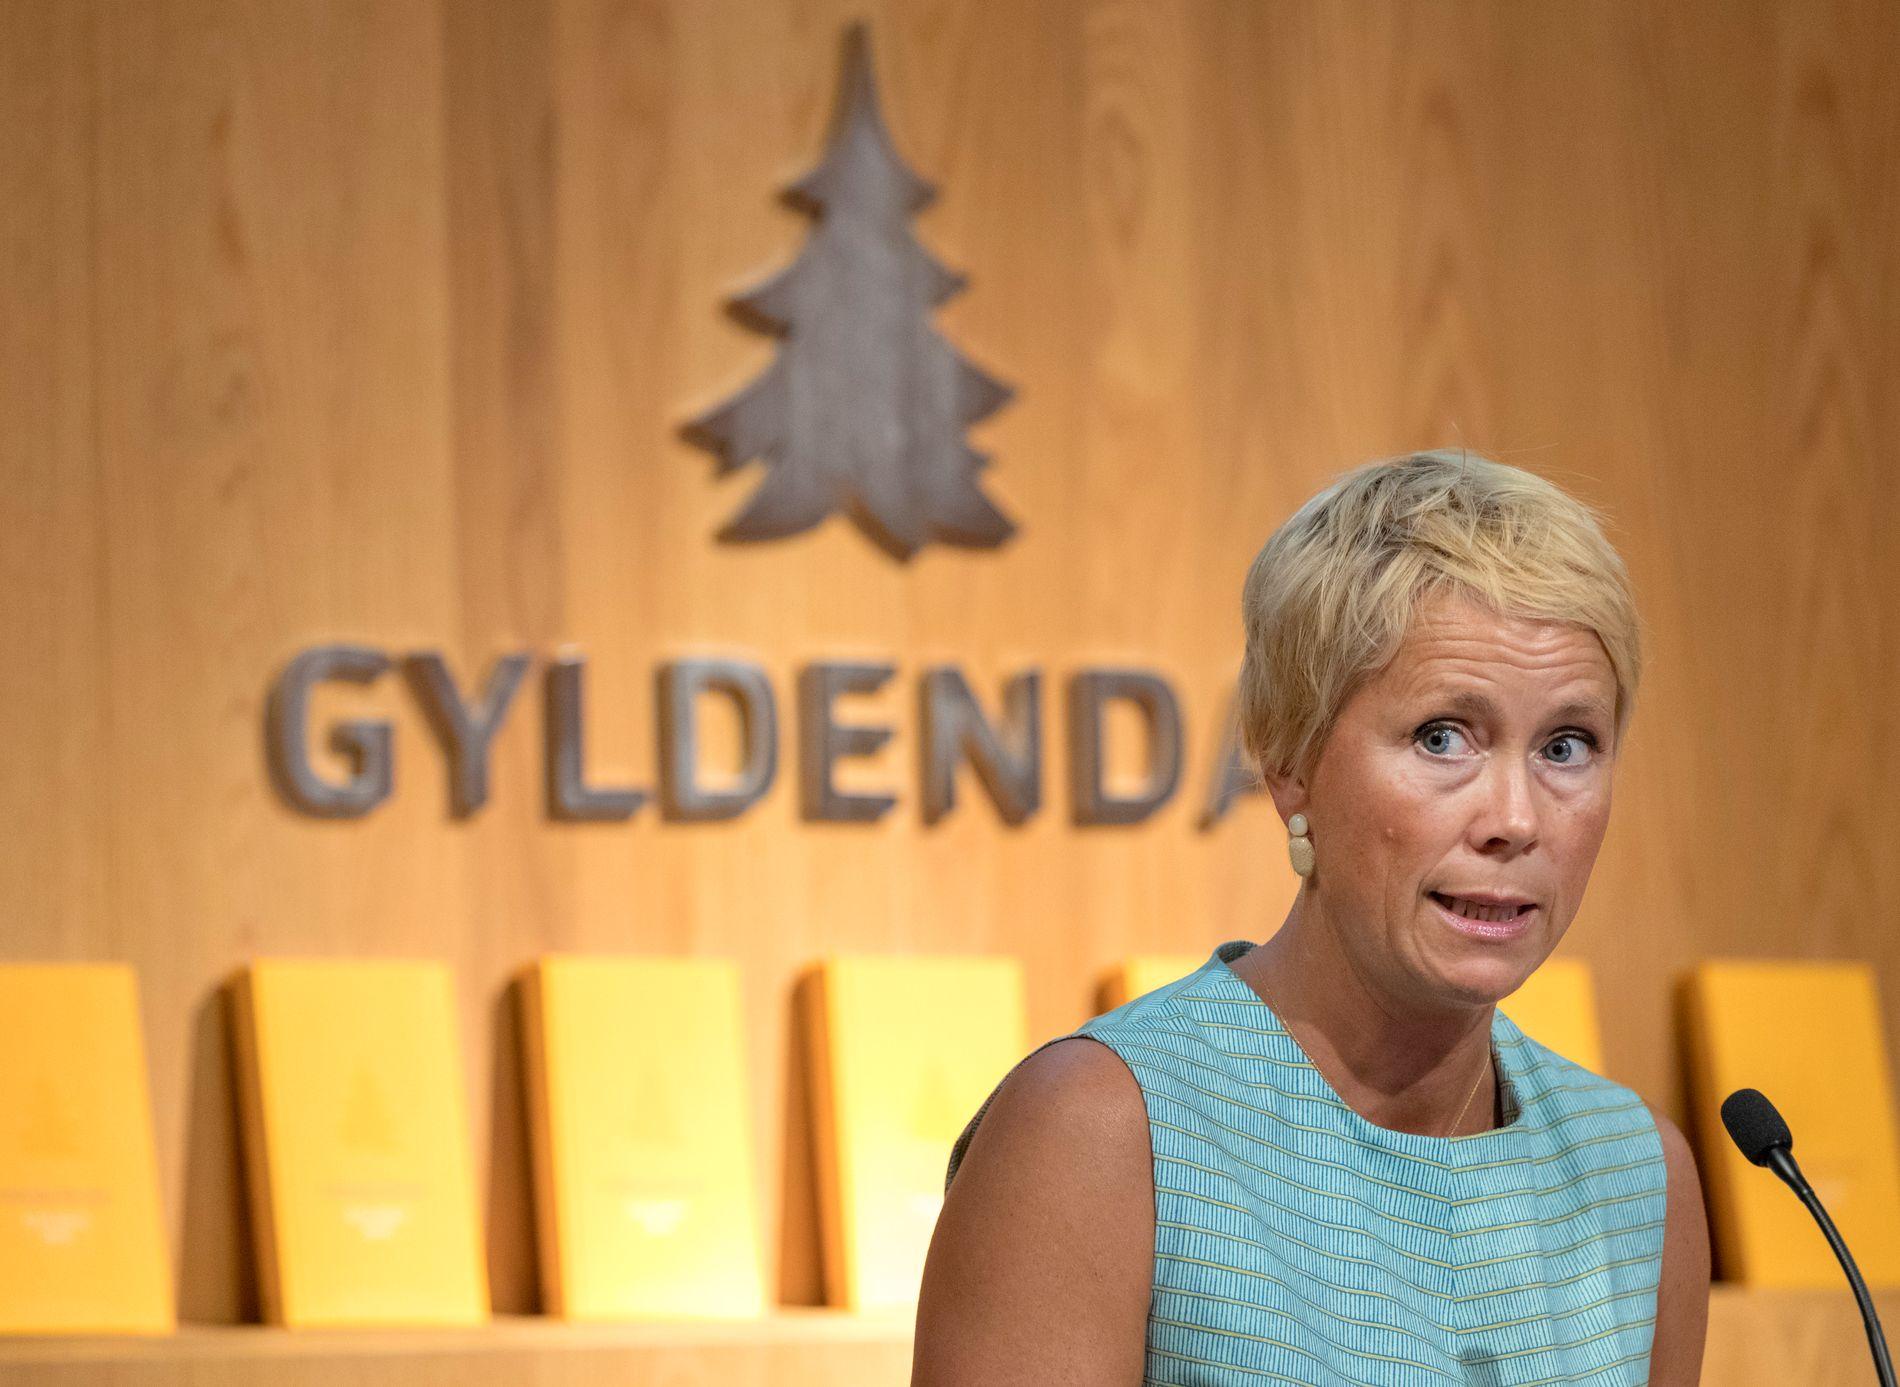 TREKKER BOK: Sjefredaktør Kari Marstein i Gyldendal forlag sier til VG at de er blitt gjort oppmerksom på likheter med andre verk i den nye diktsamlingen.